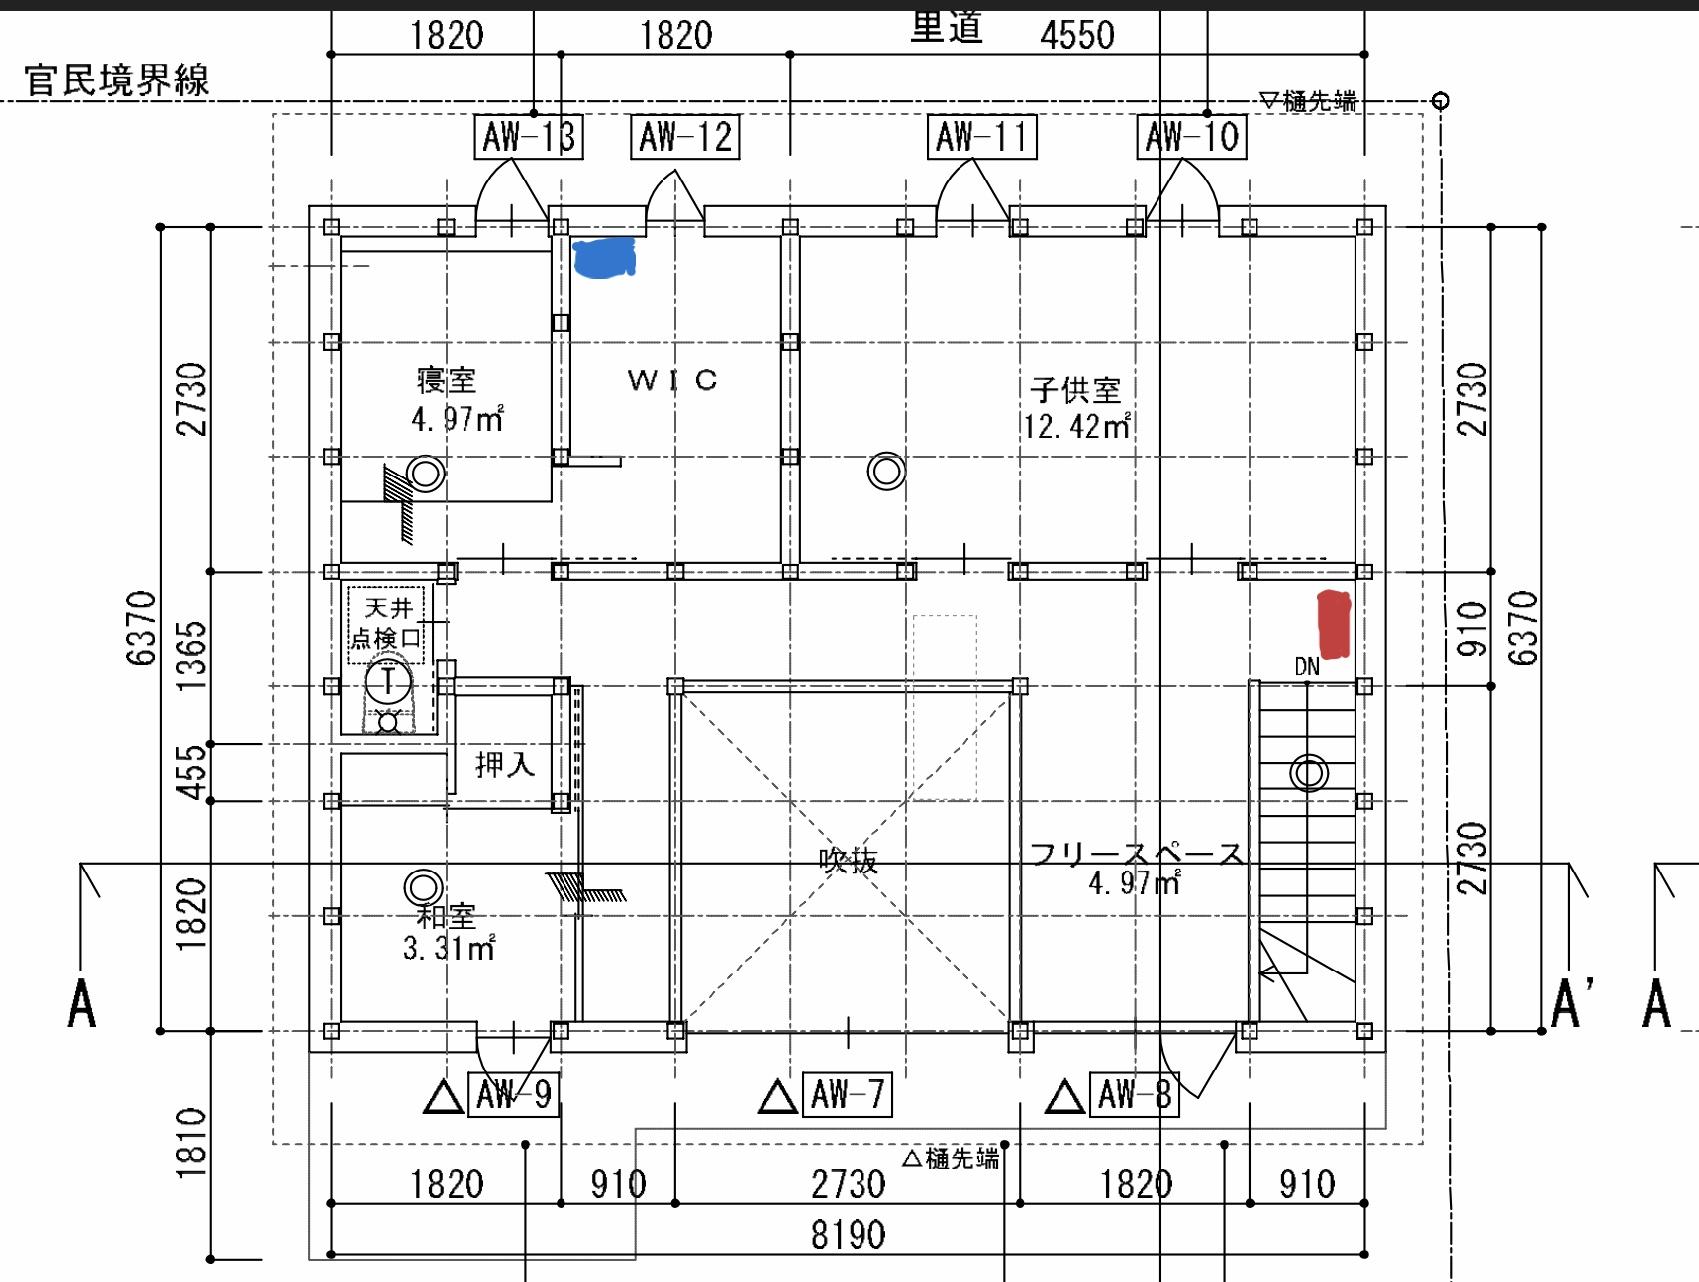 階間エアコン図面20190916の写真